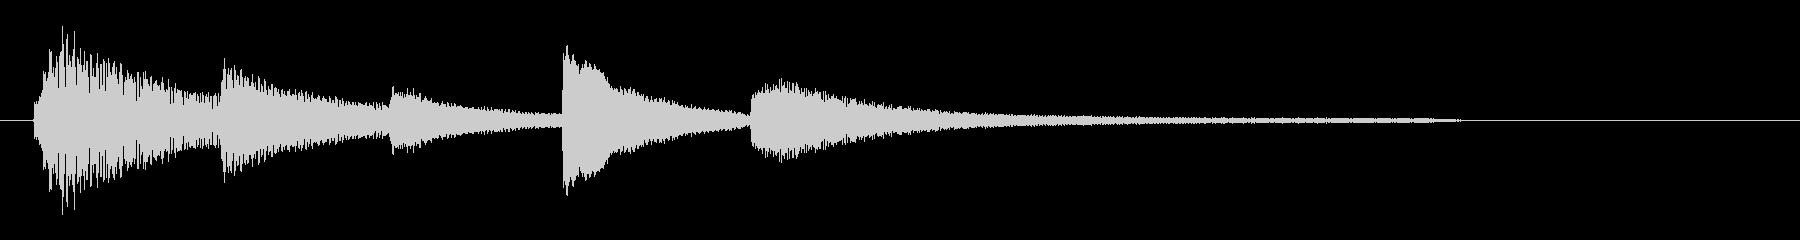 サウンドロゴ(ピアノ・しっとり)の未再生の波形